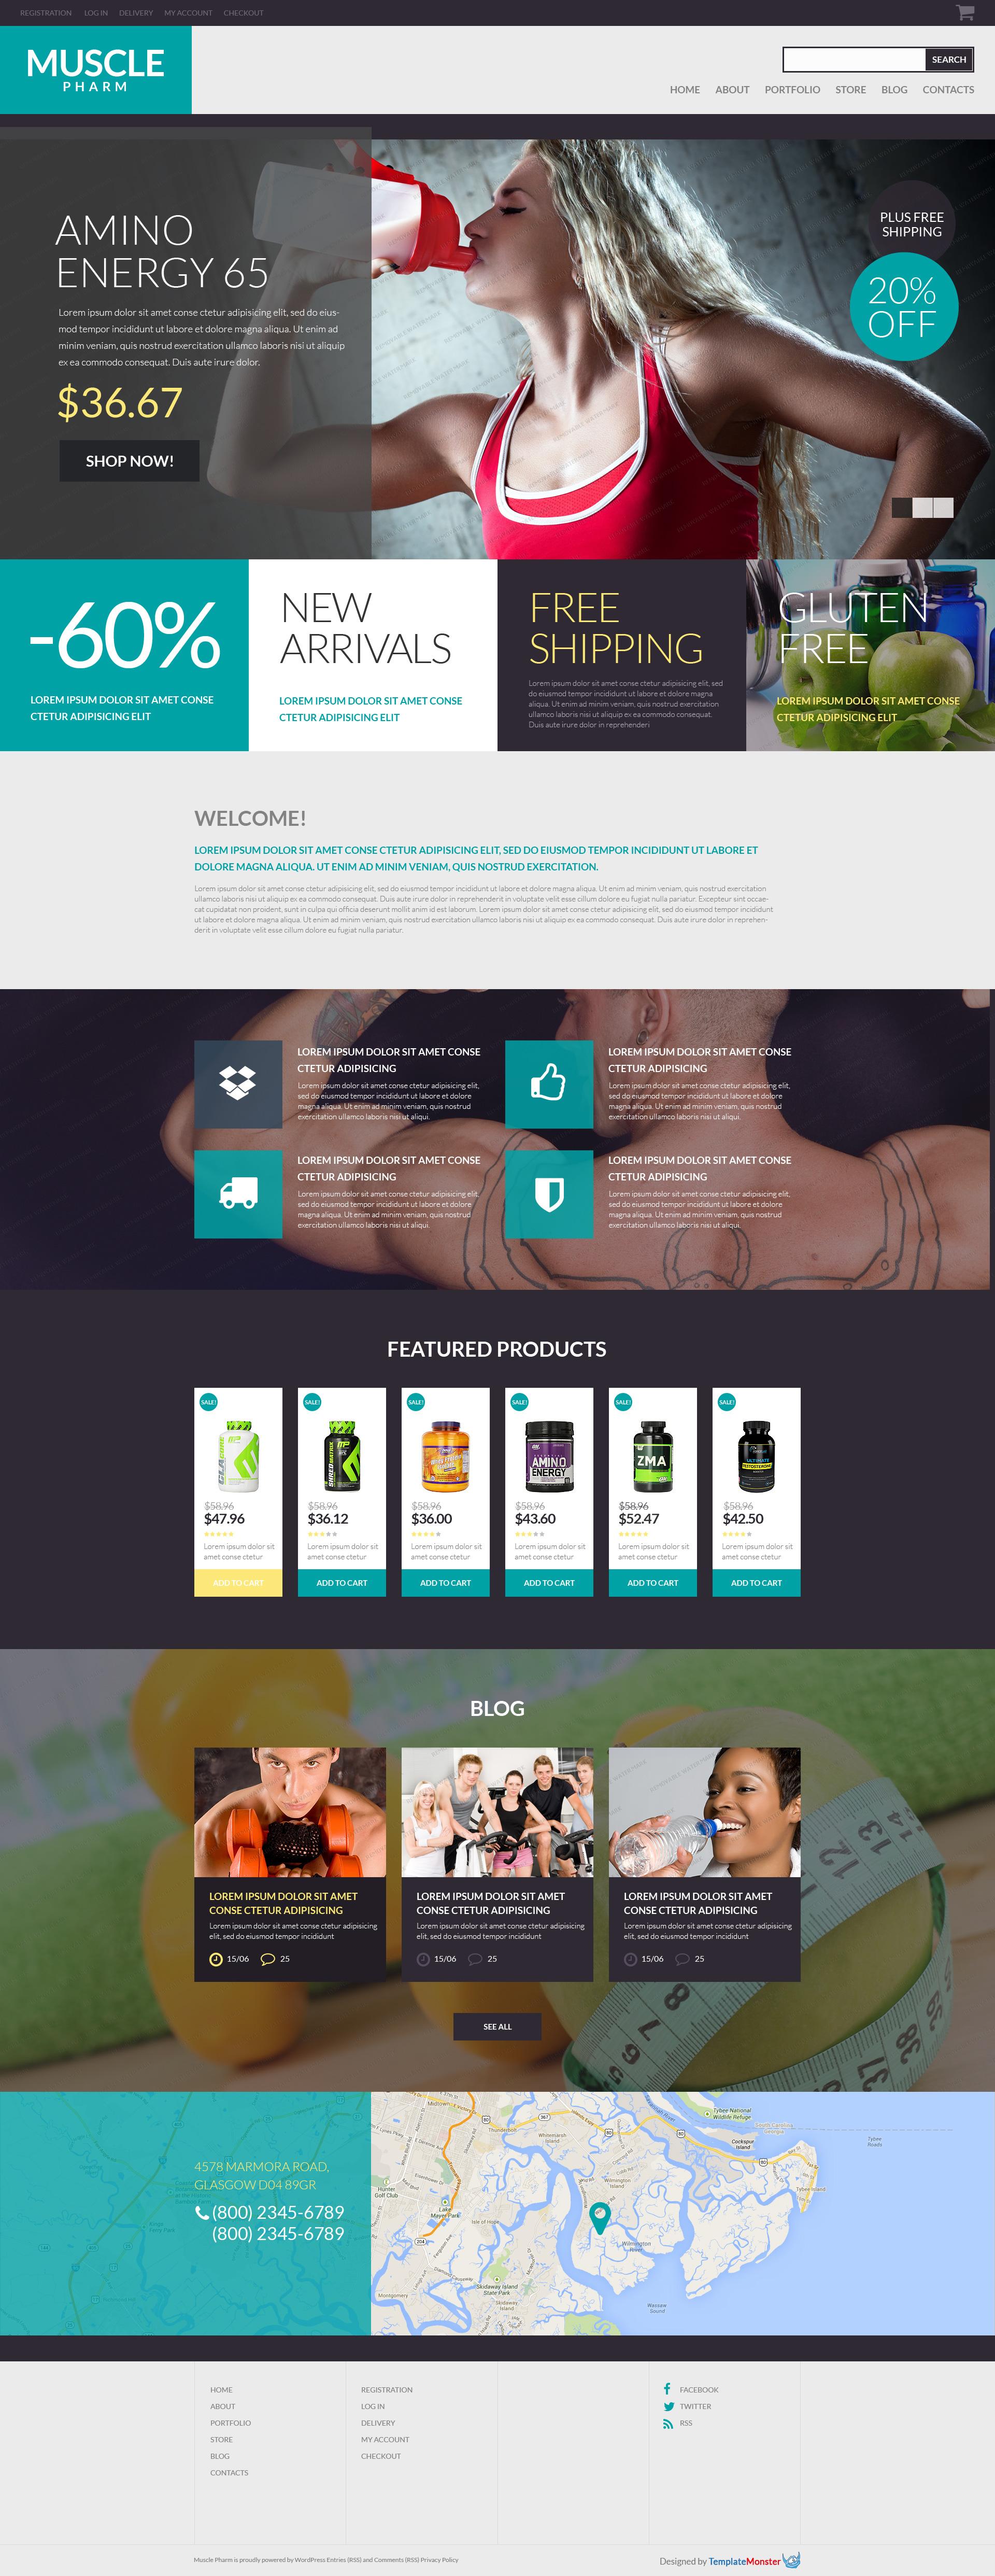 Бесплатный шаблон WooCommerce для интернет-аптеки №53286 - скриншот